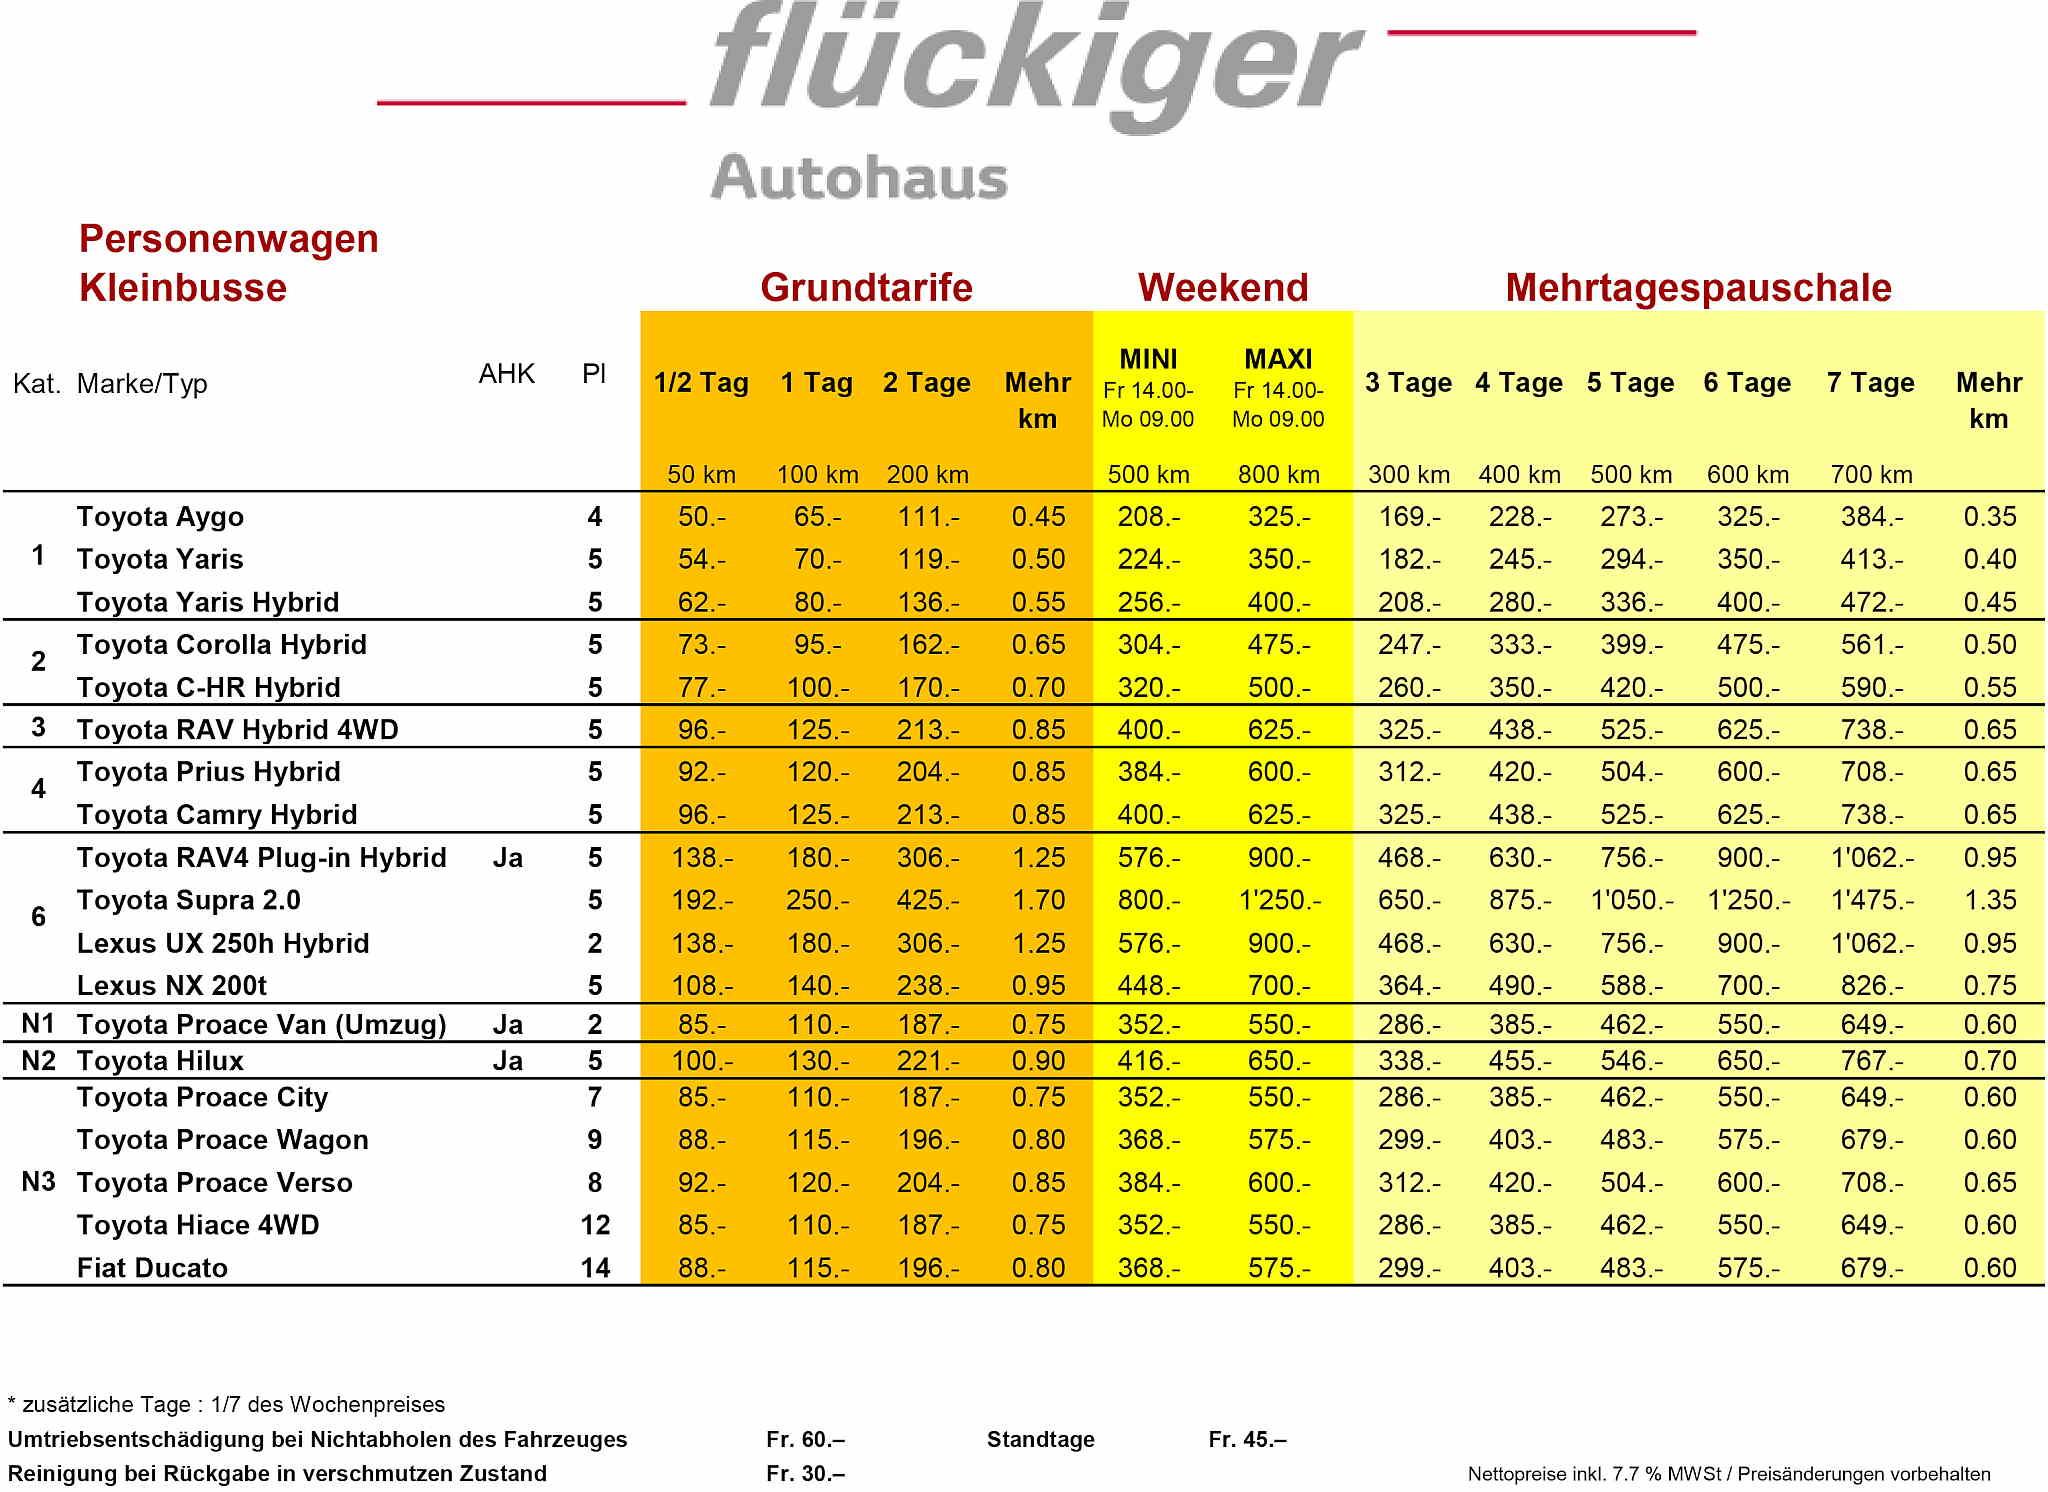 flückiger Autohaus - Autovermietung Miettarife 2021